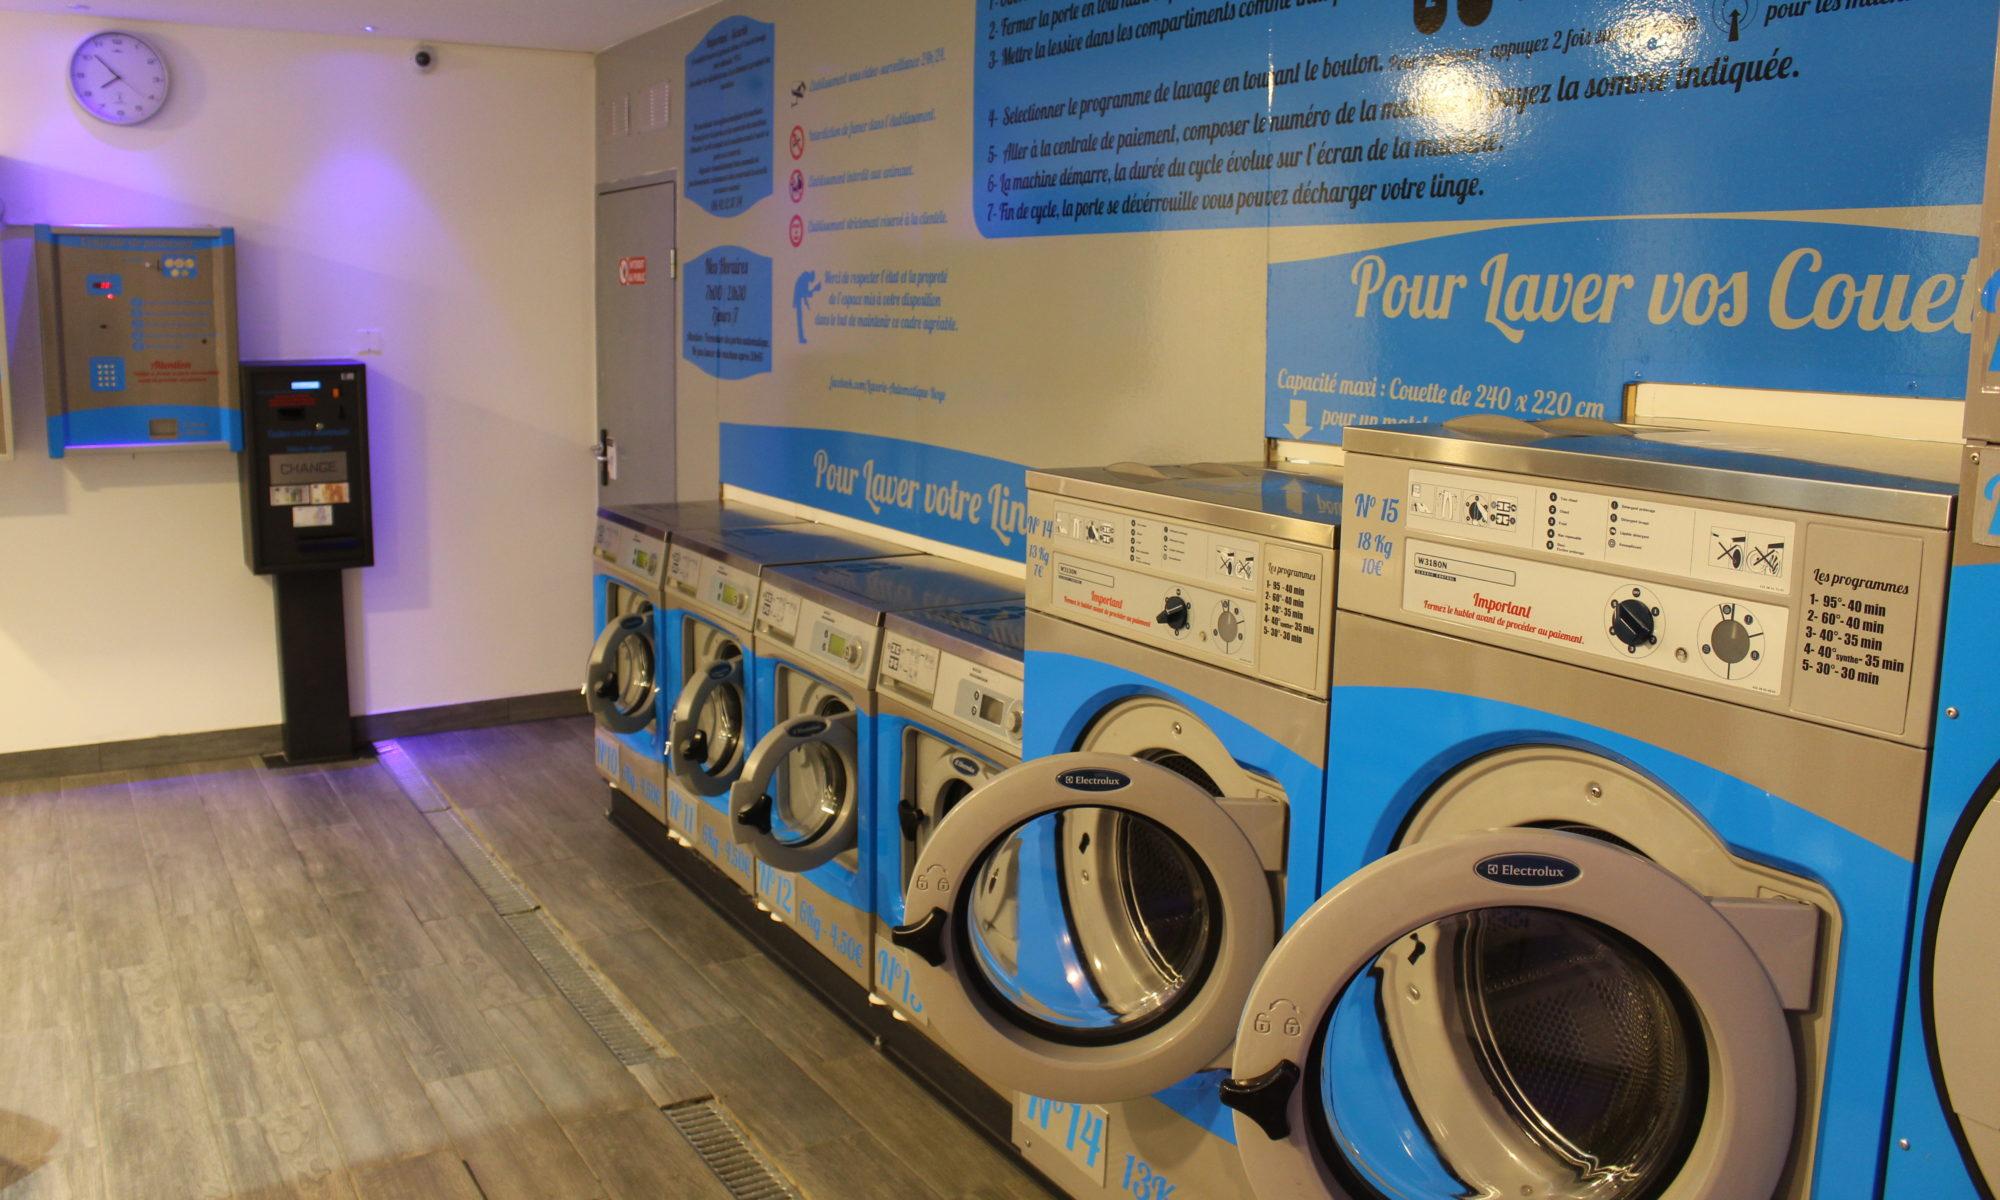 investir en 2019 dans une laverie automatique une bonne id e